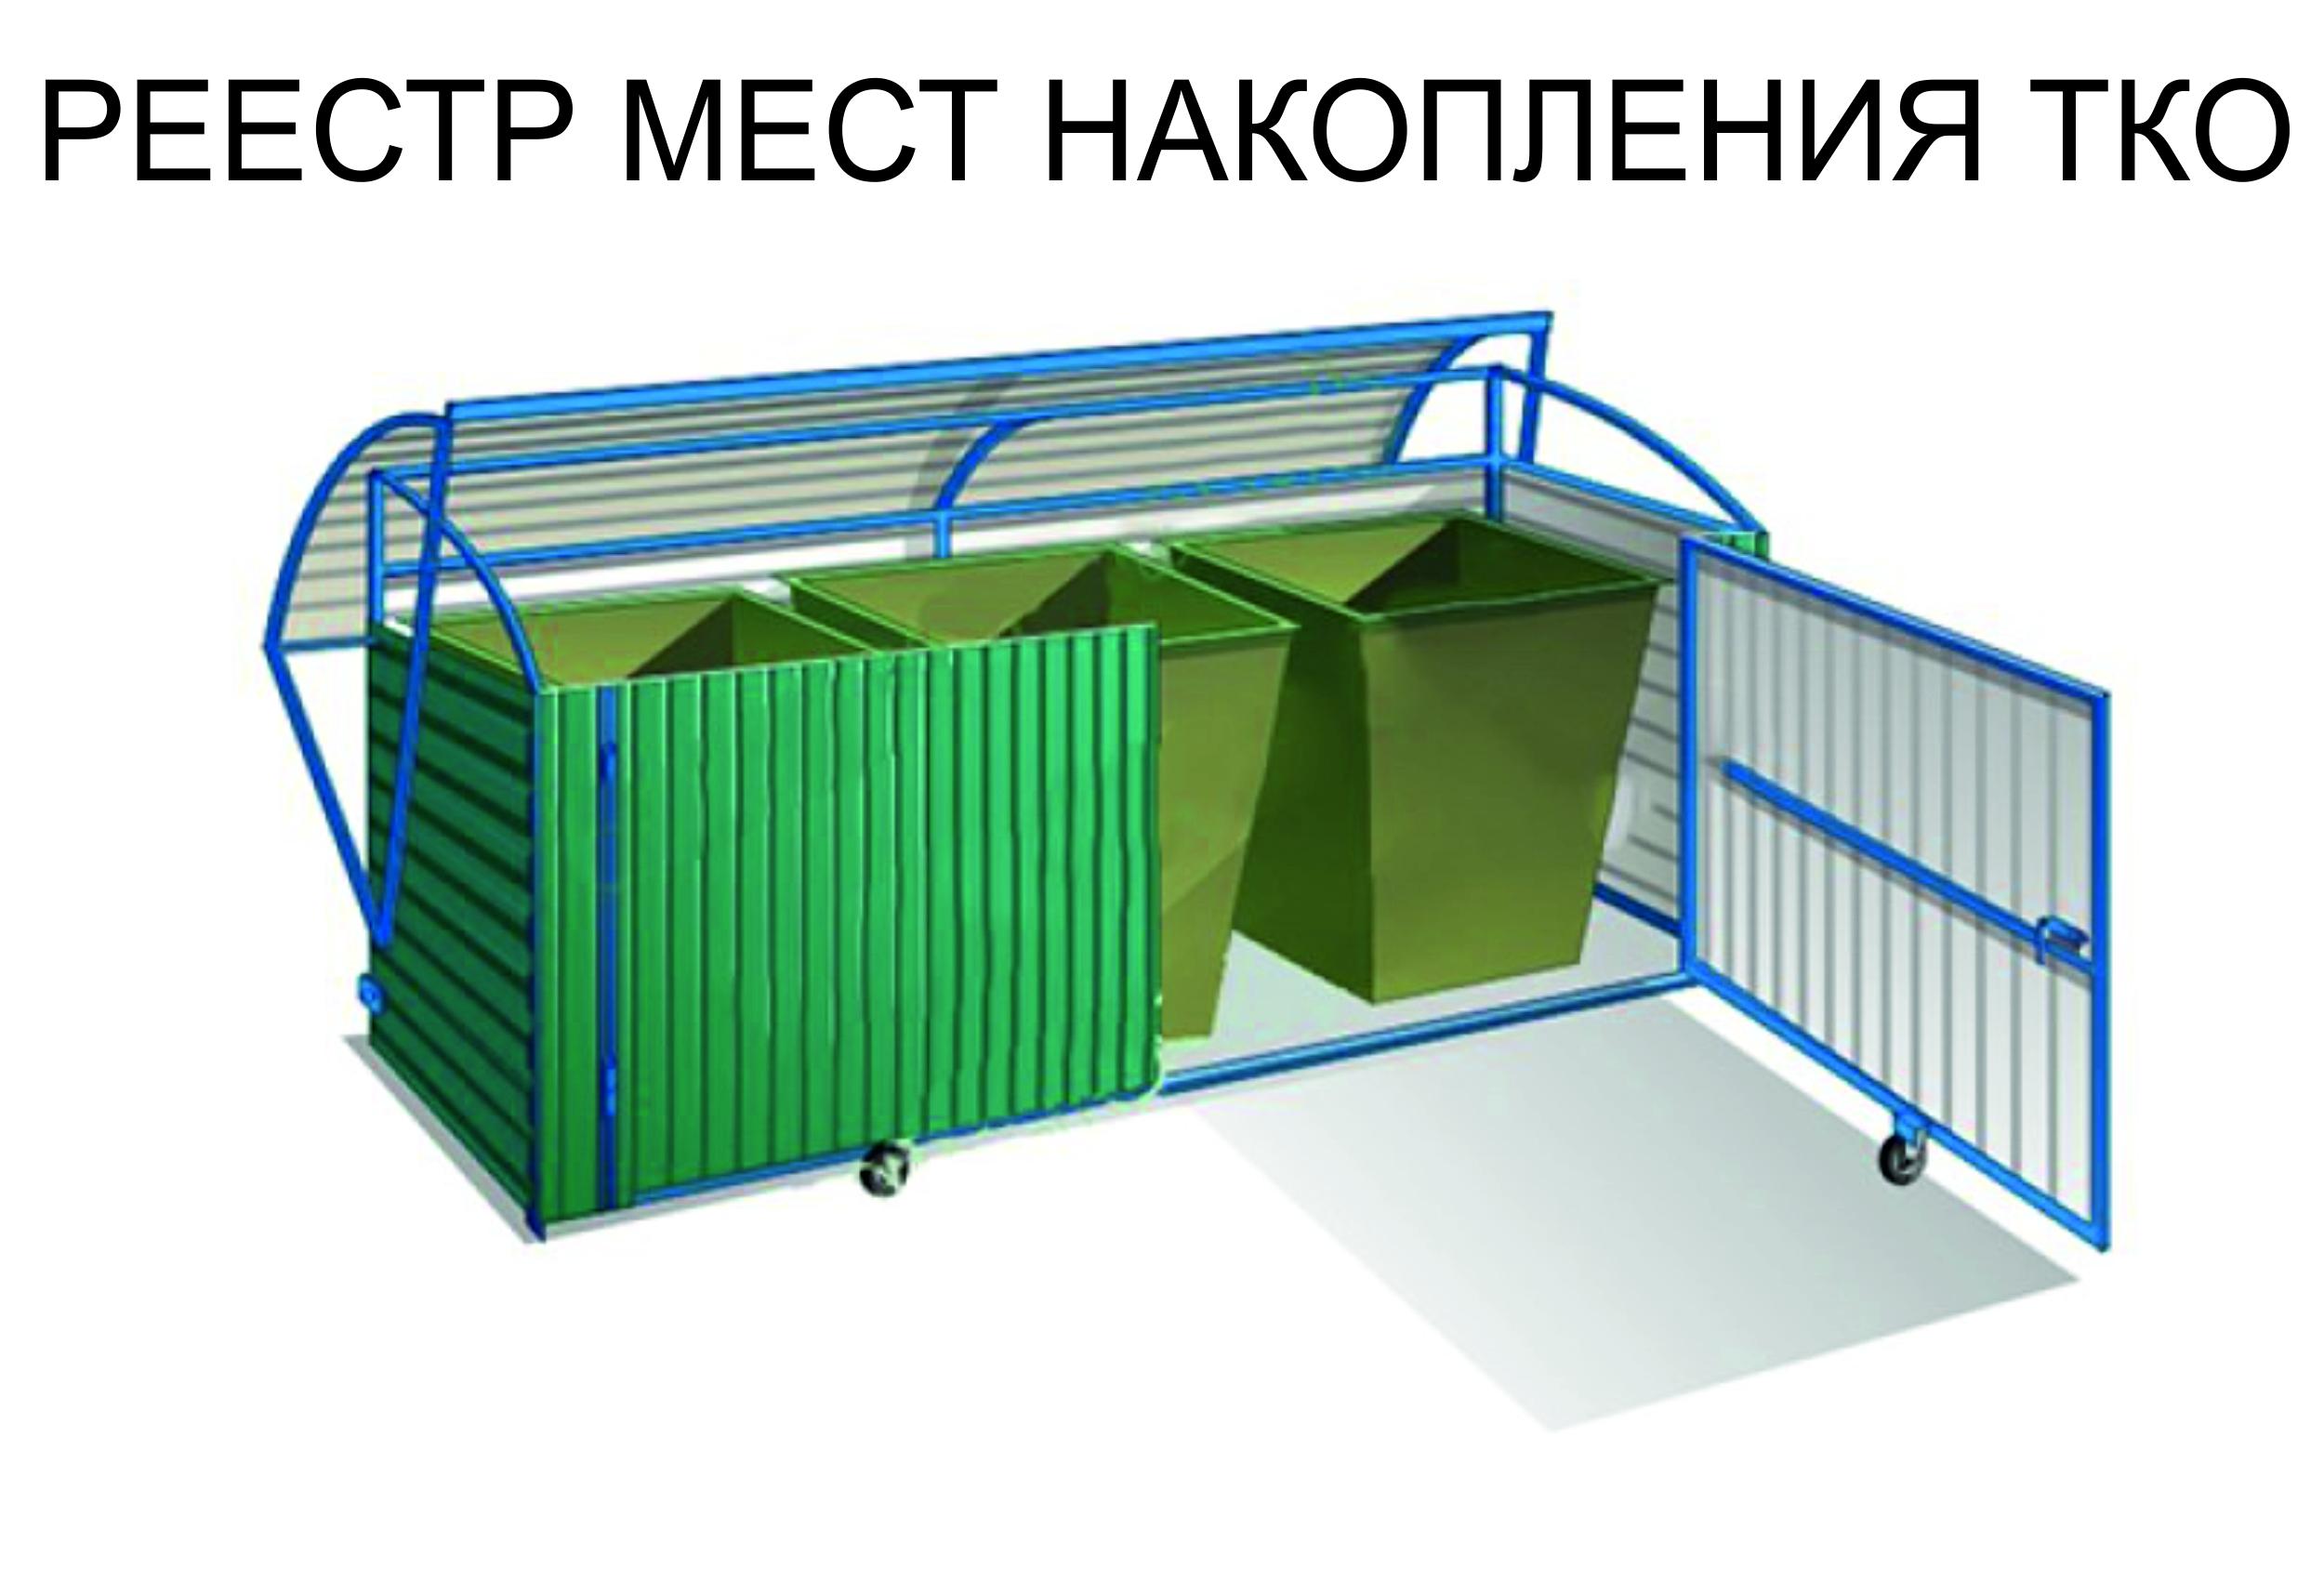 Правила обустройства контейнерных площадок и ведение реестра